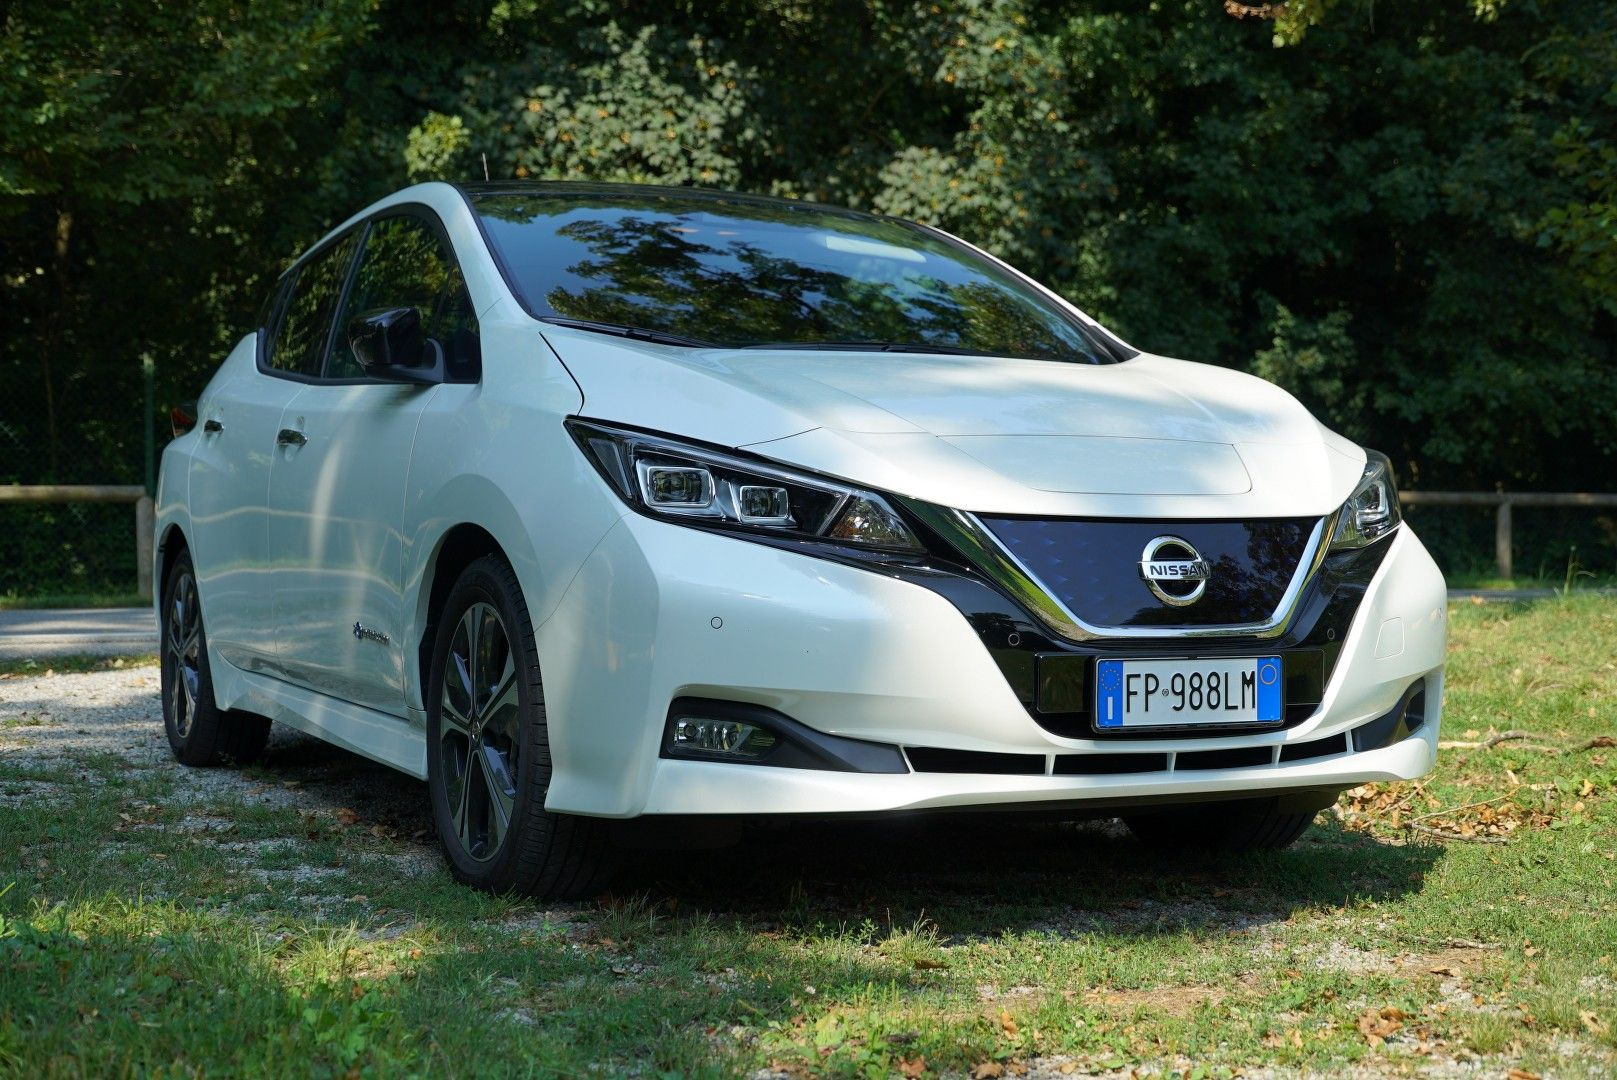 Schema Elettrico Nissan Qashqai : Nissan leaf kwh recensione e considerazioni sul rapidgate